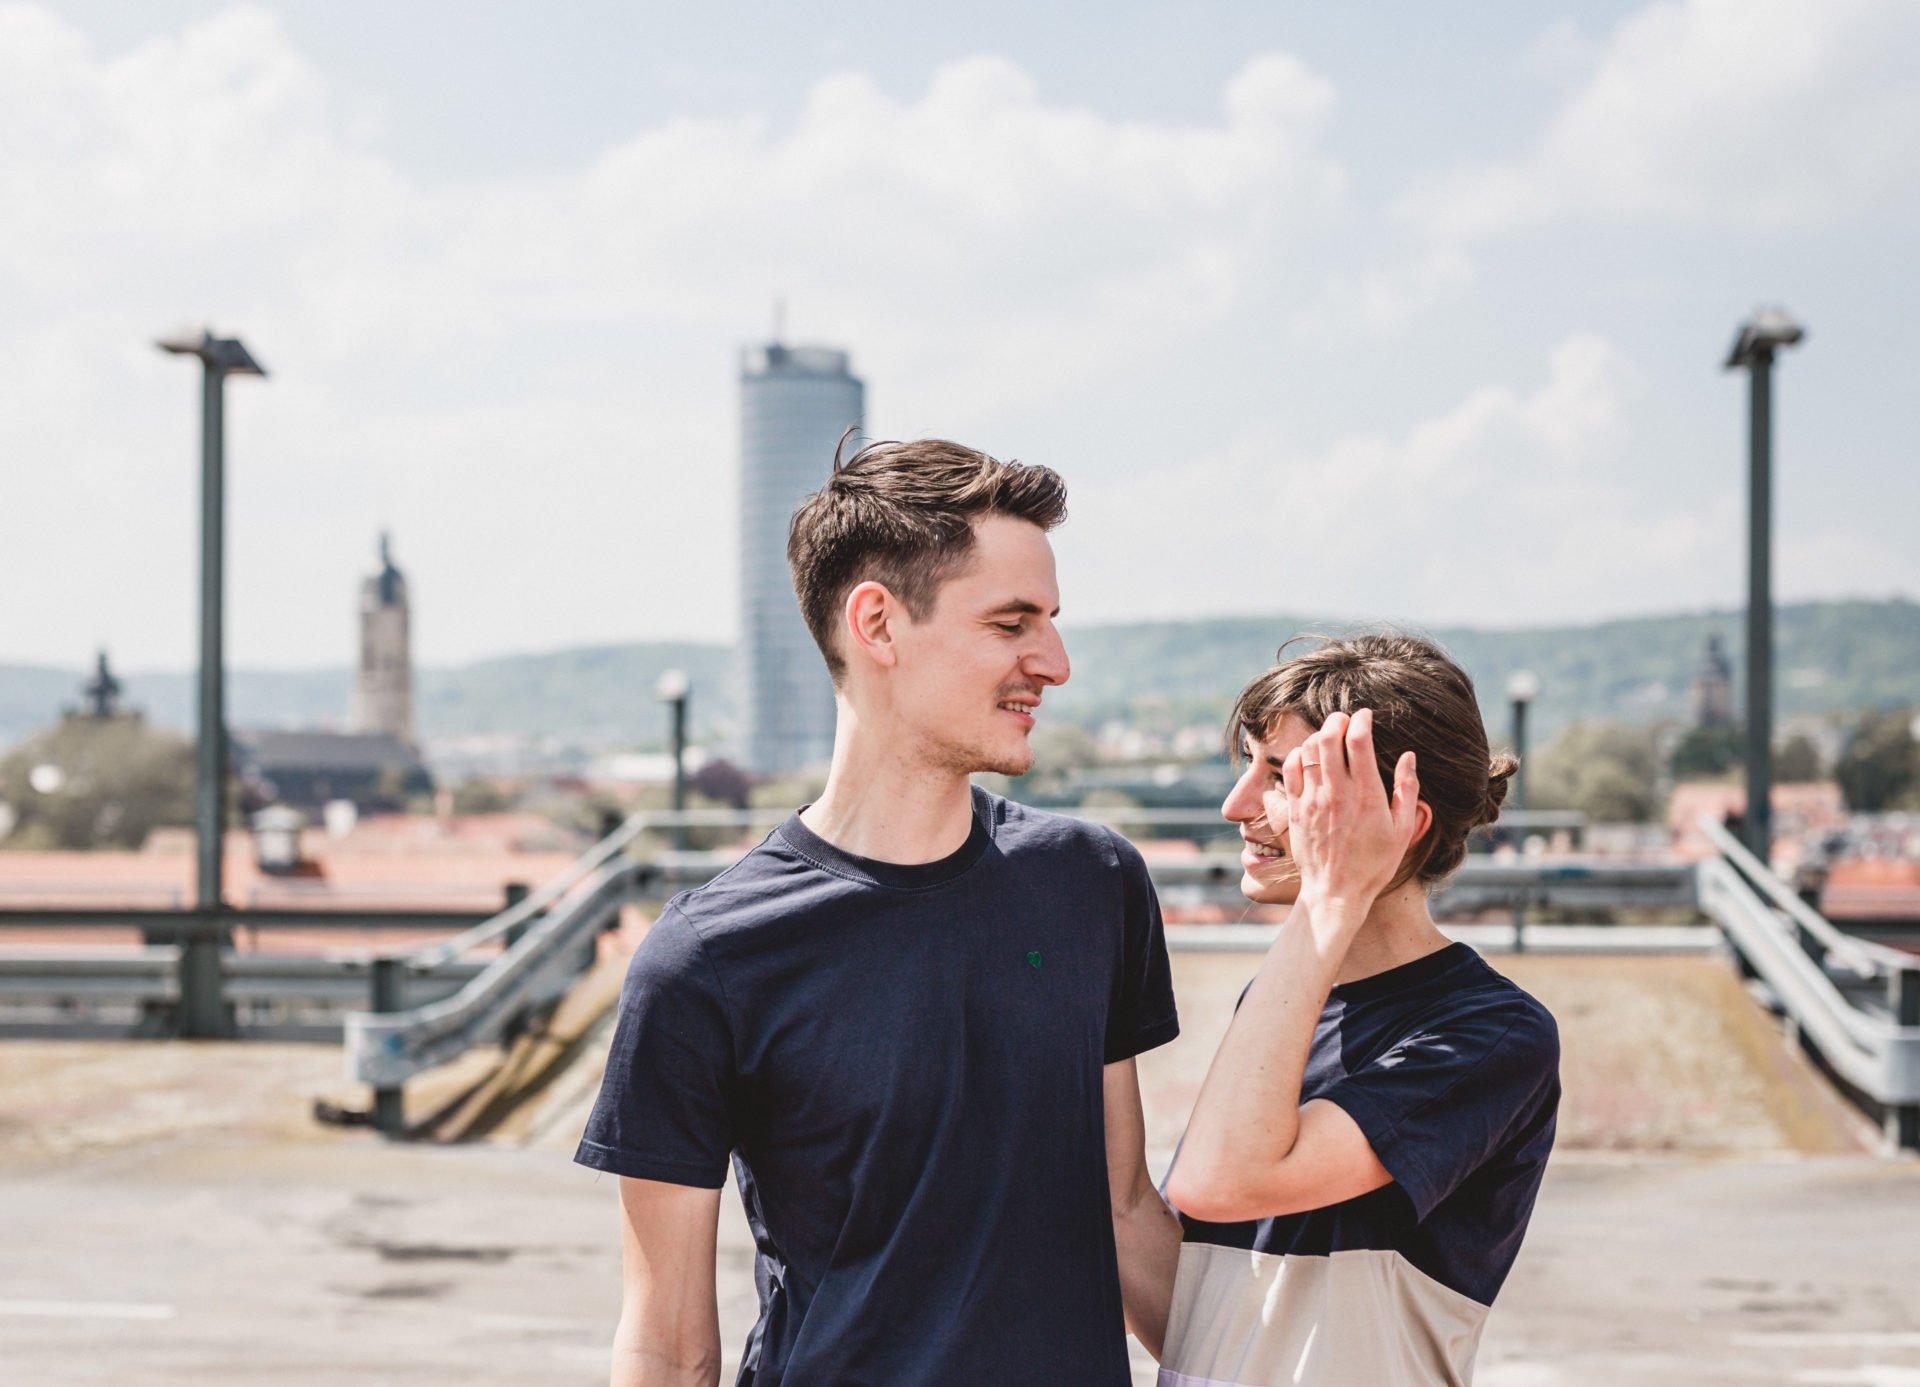 Liebesgeschichte | Liebesgeschichte auf der Jenaer Schillerpassage | 19